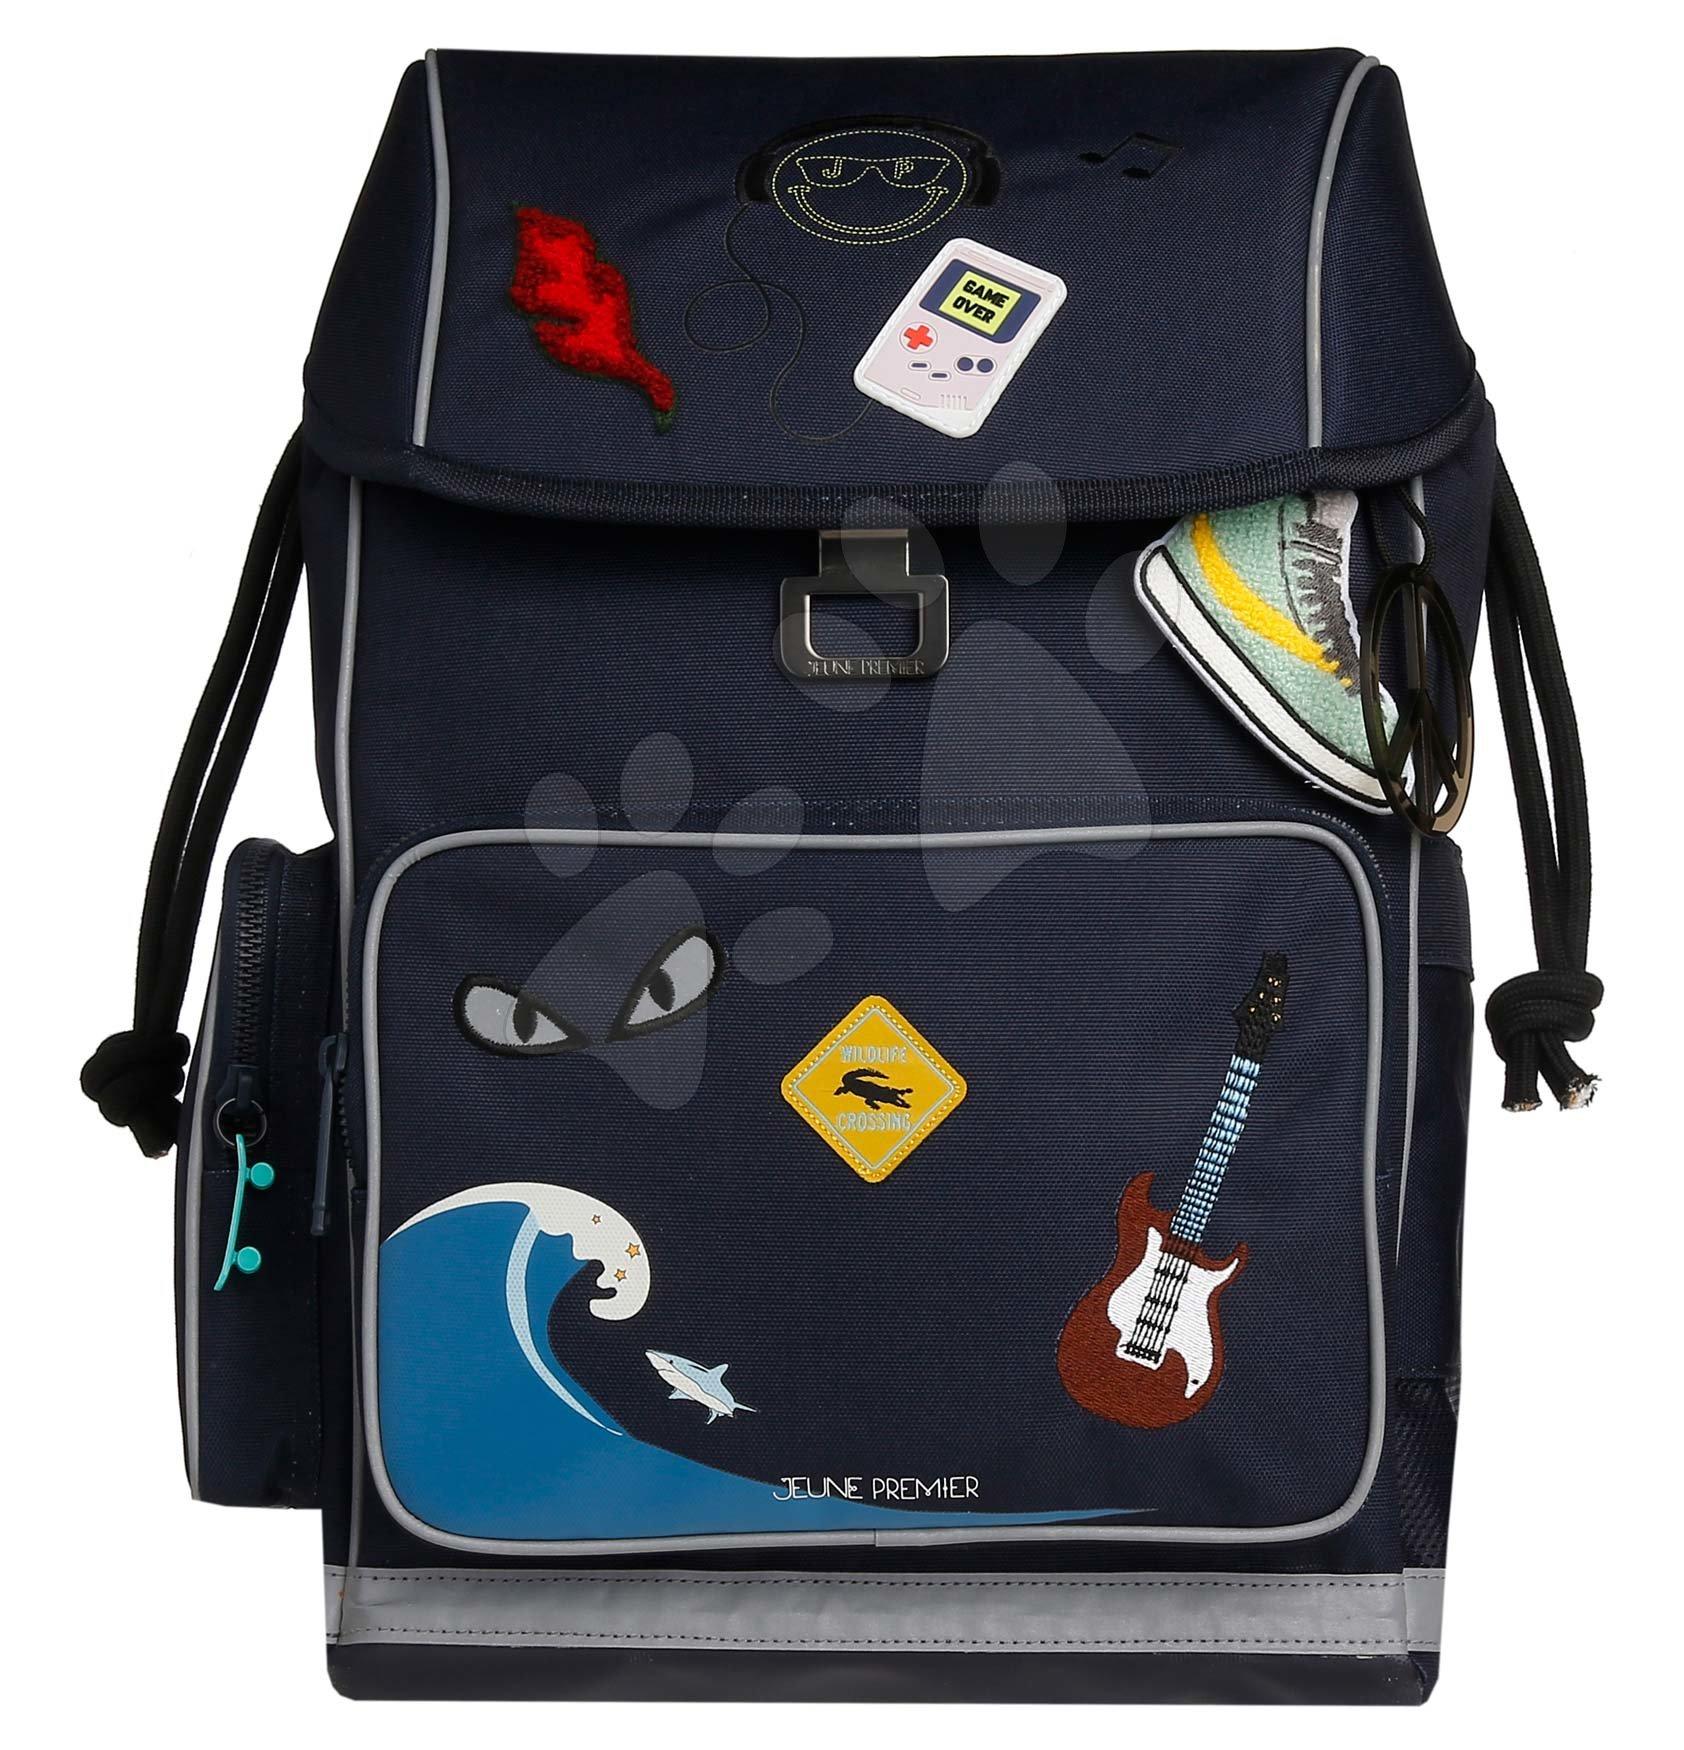 Školske torbe i ruksaci - Školský batoh veľký Ergomaxx Mr. Gadget Jeune Premier ergonomický luxusné prevedenie 39*26 cm JPERX21169